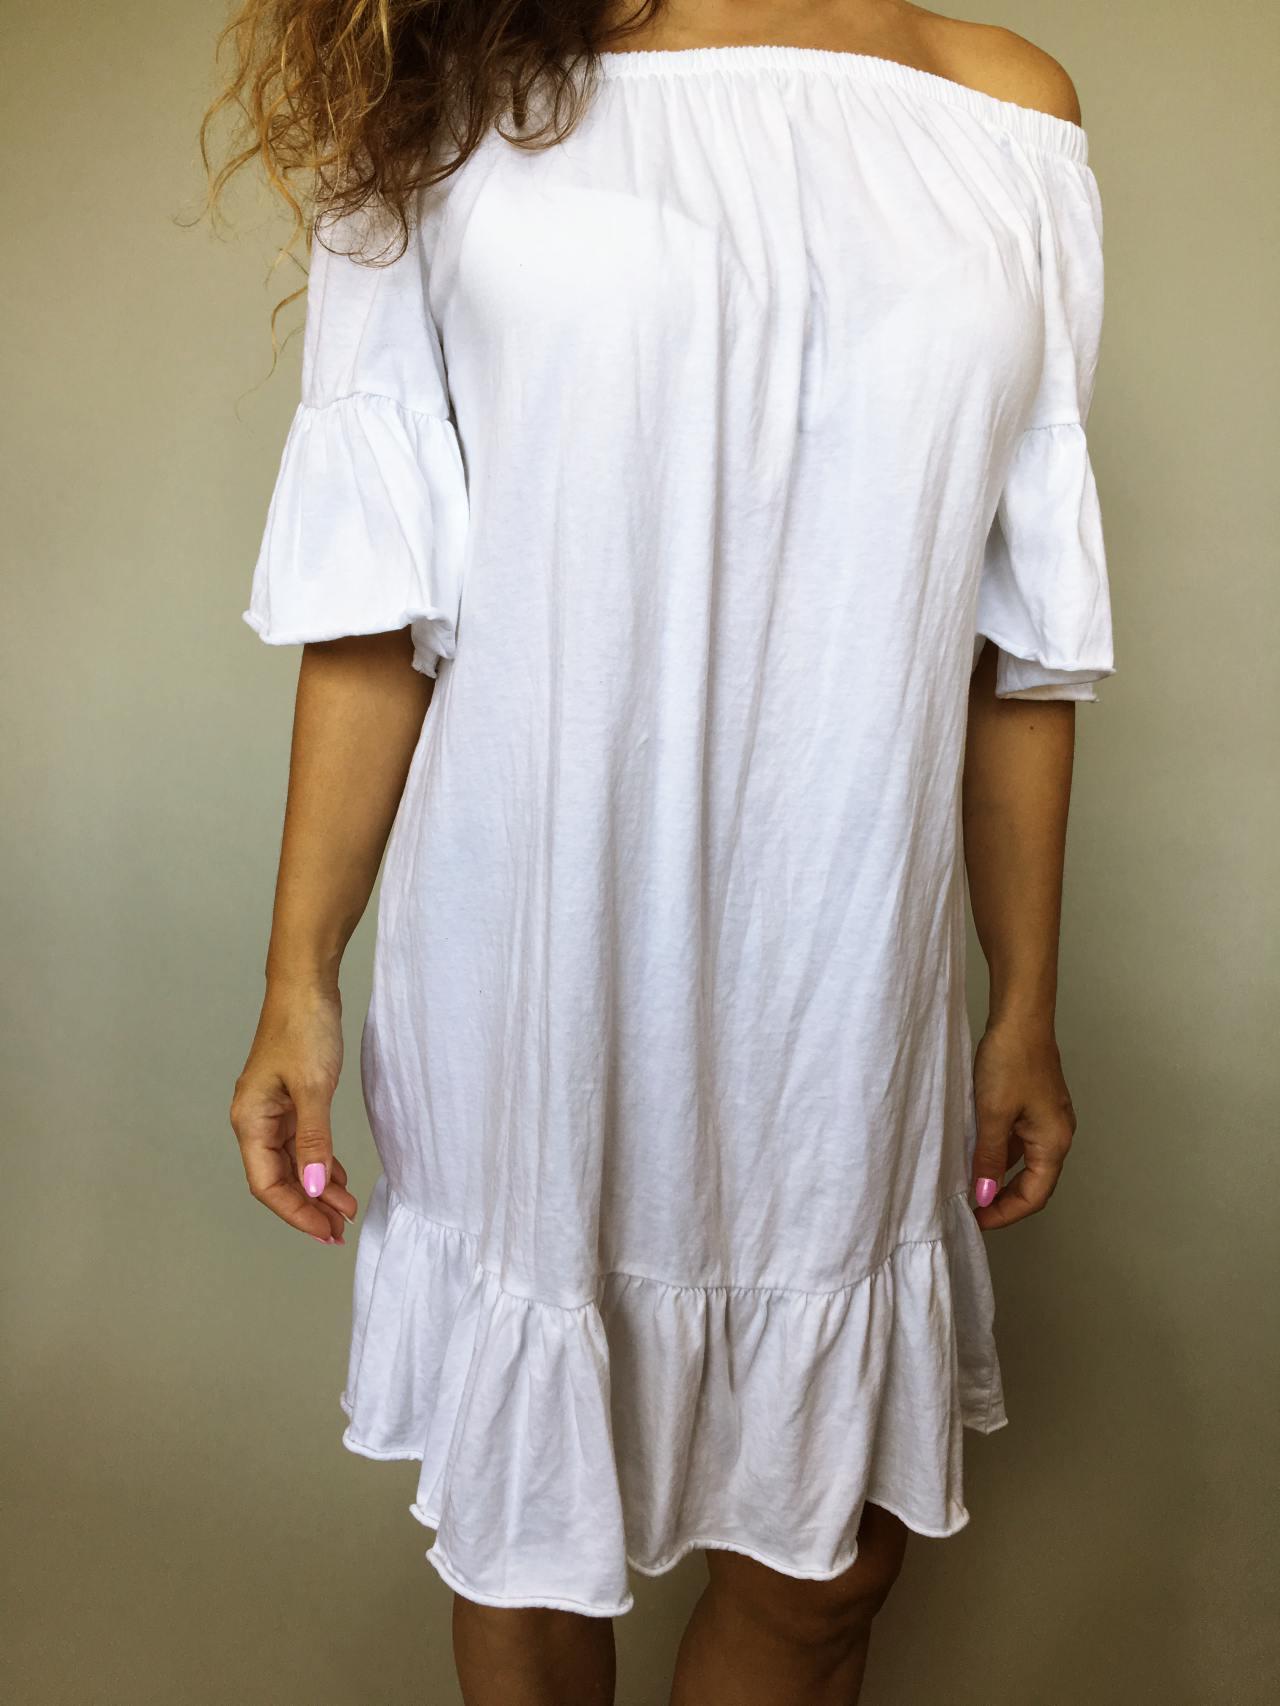 Šaty Frill bílé 02